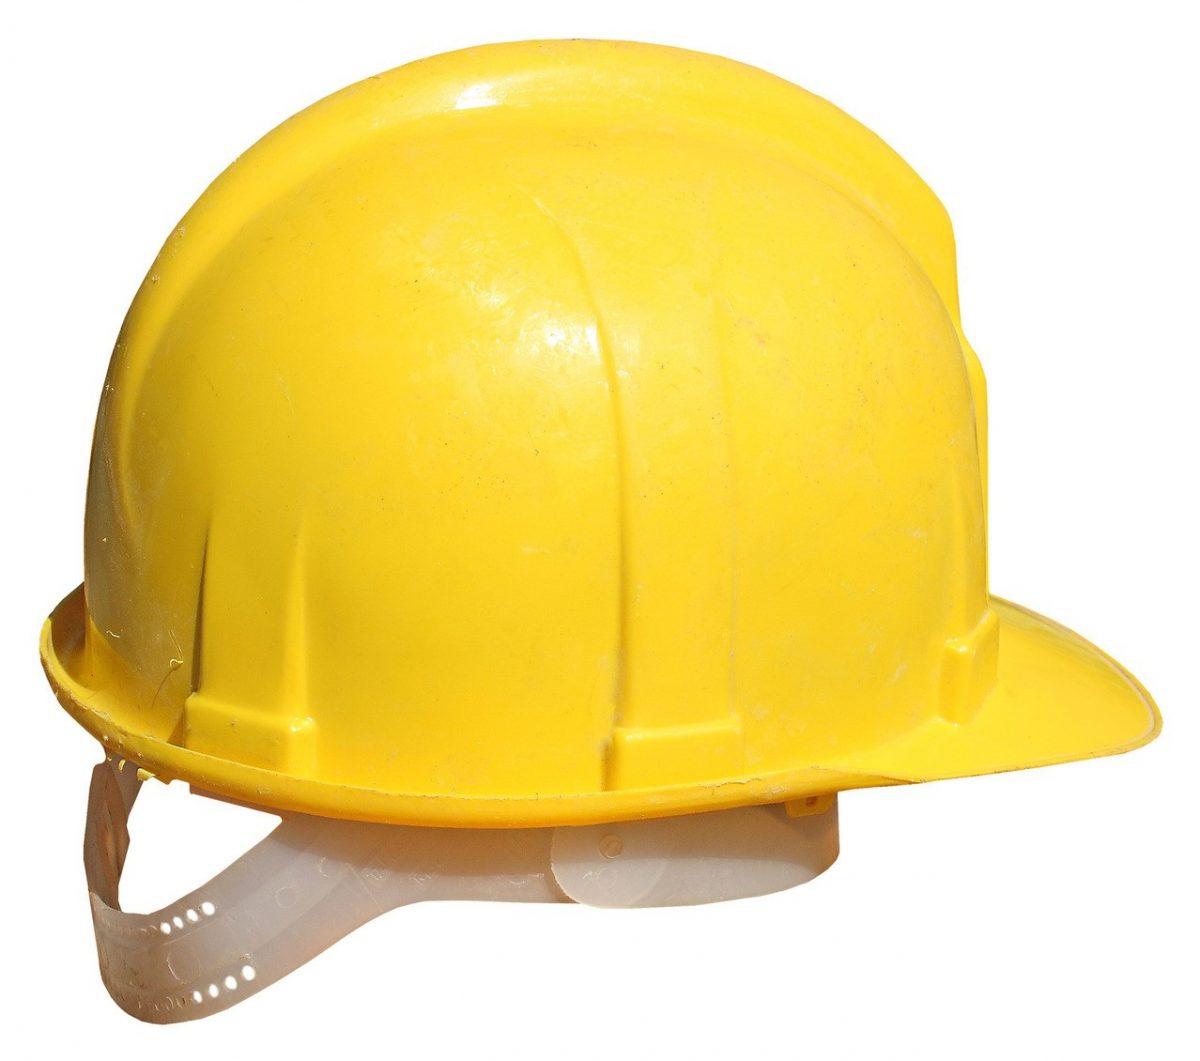 Kask ochrony – jeden z najważniejszych elementów ubioru BHP